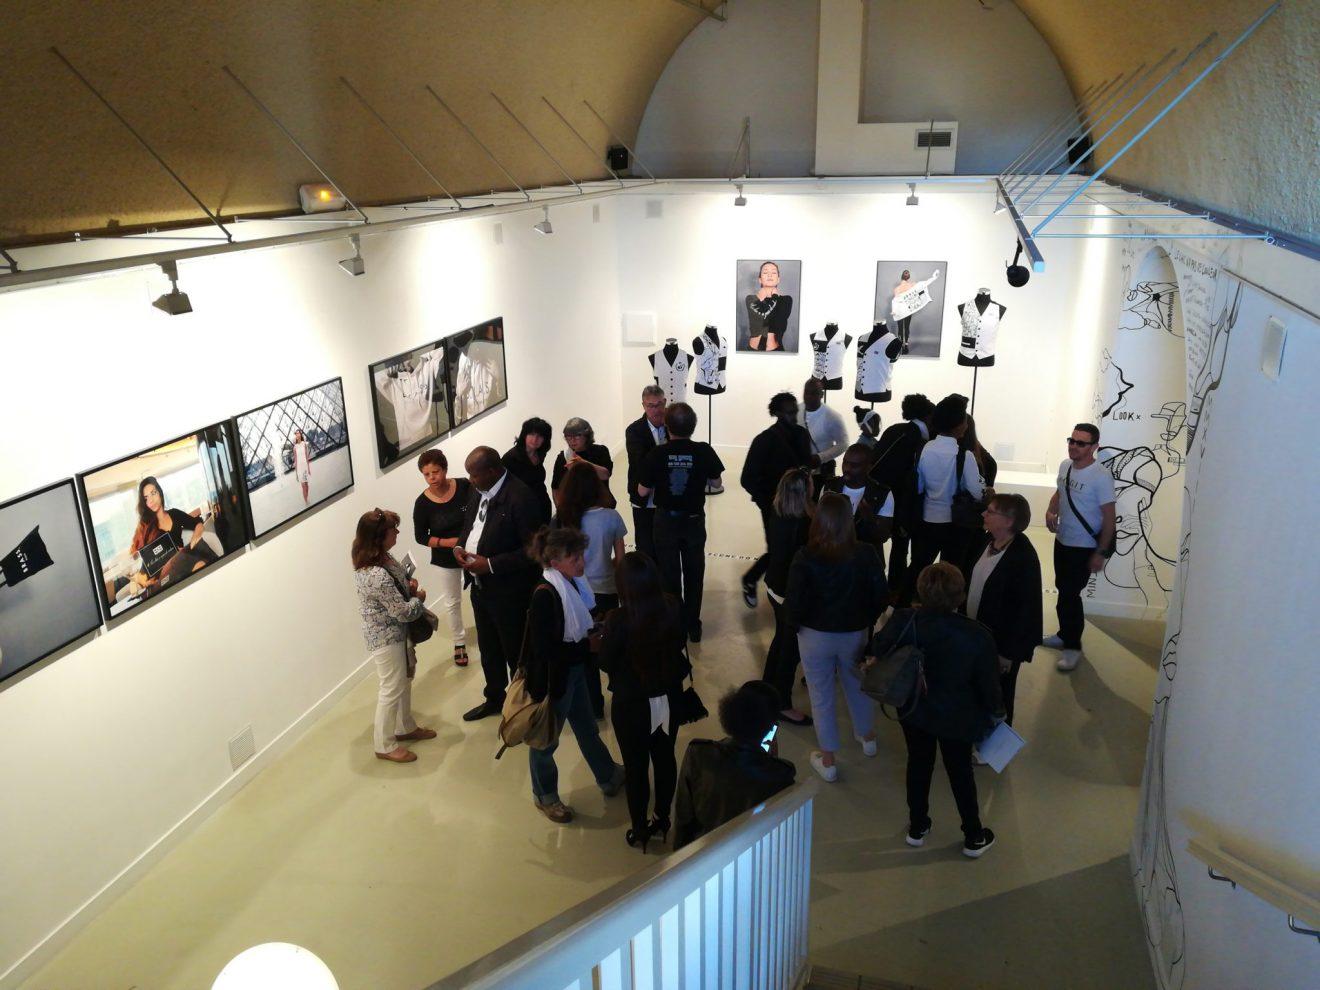 La salle d'exposition Les Réservoirs durant le vernissage de l'exposition de Berthold Bilukidi le 18 mai 2018